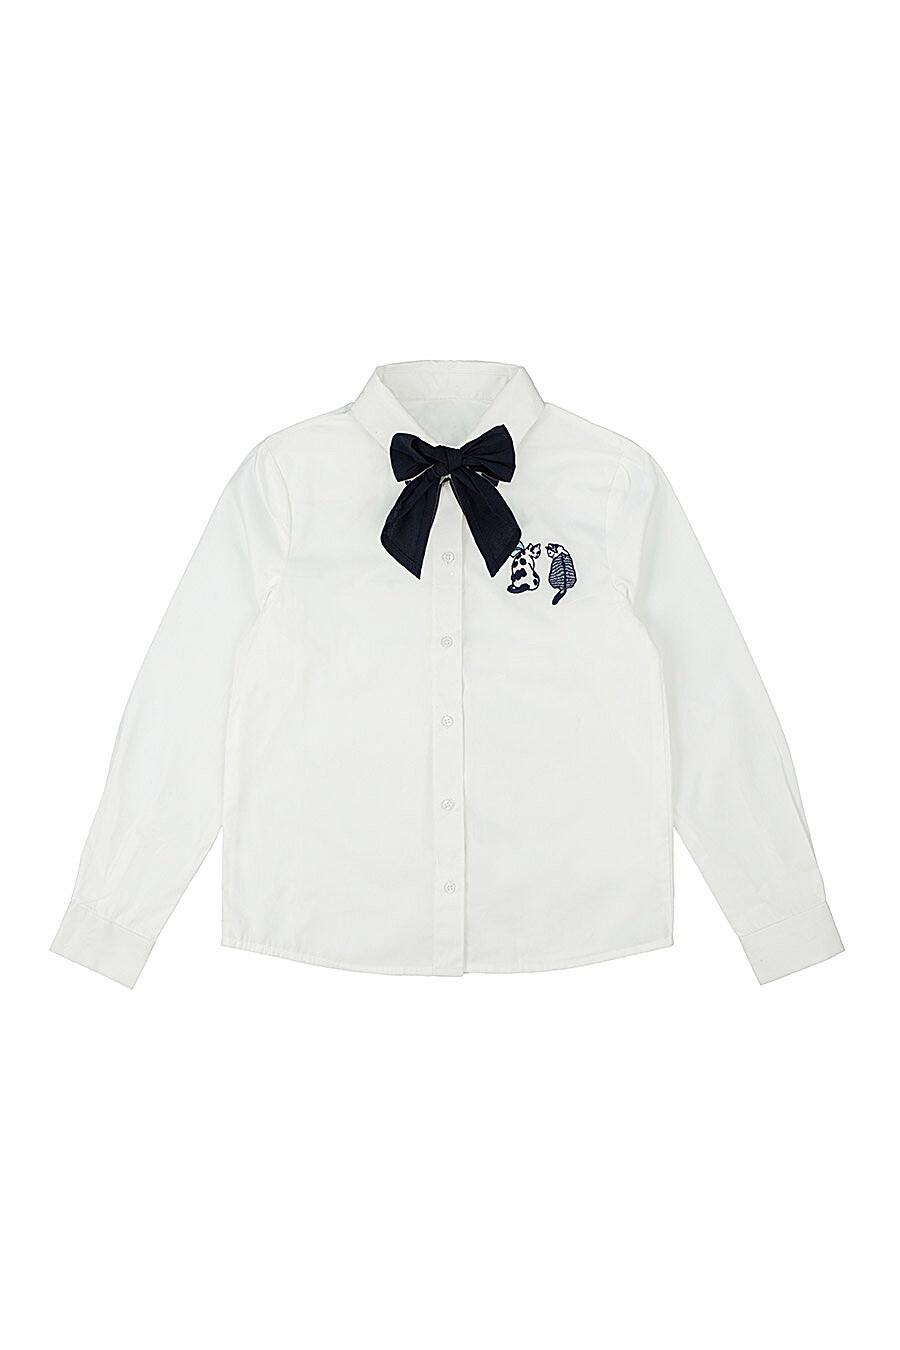 Блуза для девочек IN FUNT 219163 купить оптом от производителя. Совместная покупка детской одежды в OptMoyo